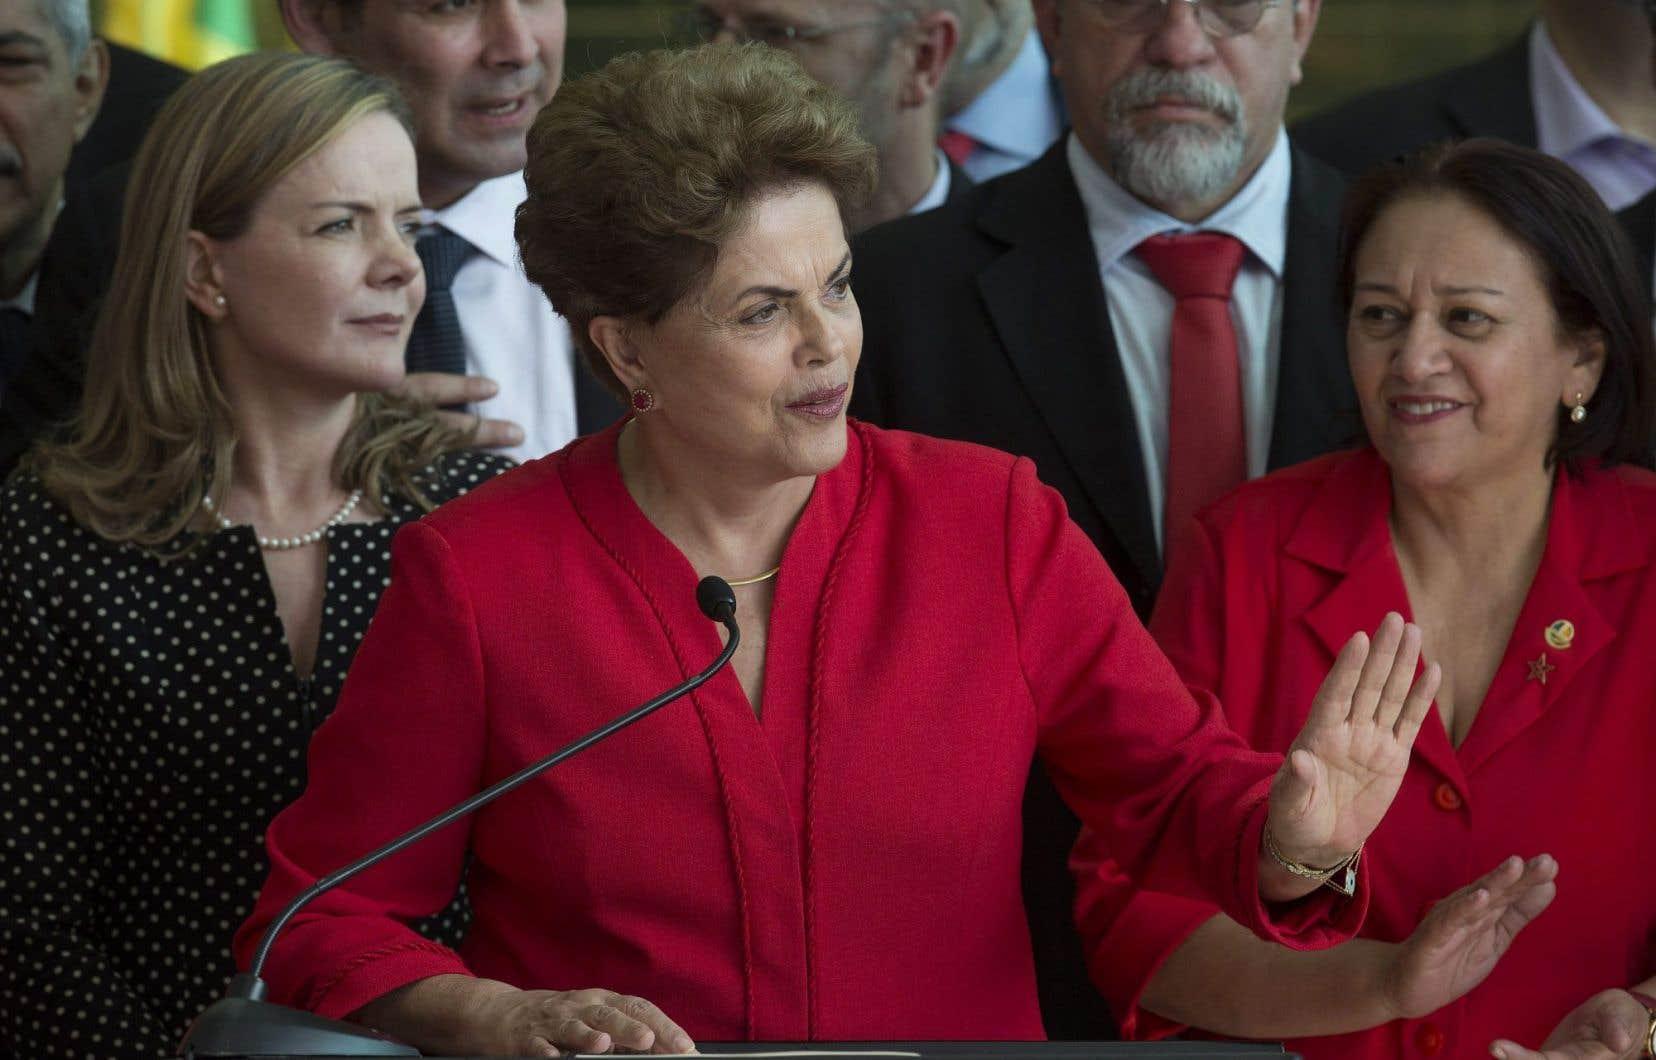 Dilma Rousseff, 68ans, clame son innocence et dénonce un «coup d'État» parlementaire orchestré par l'opposition de droite et Michel Temer.